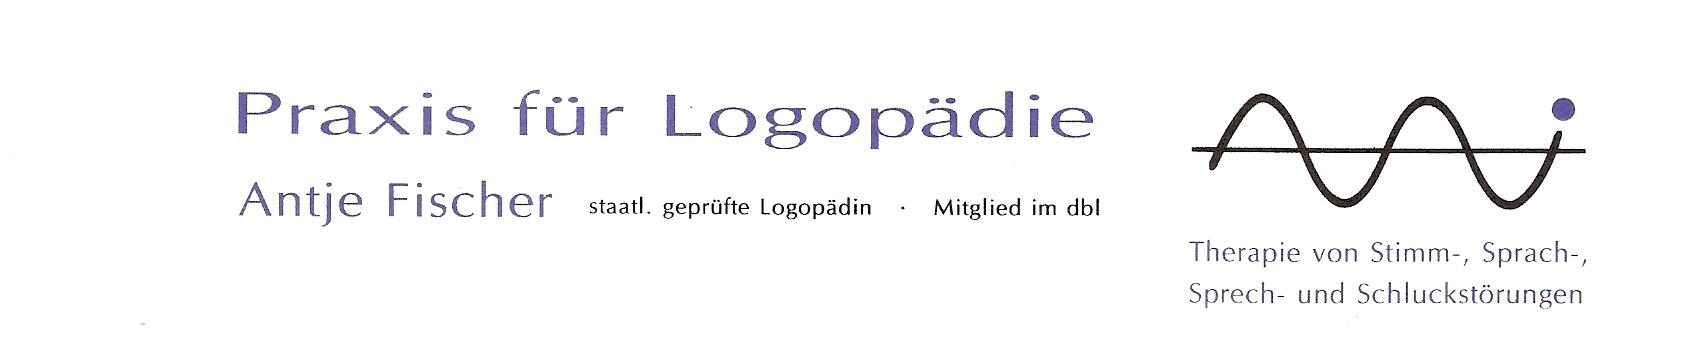 Logopädiepraxis Antje Fischer